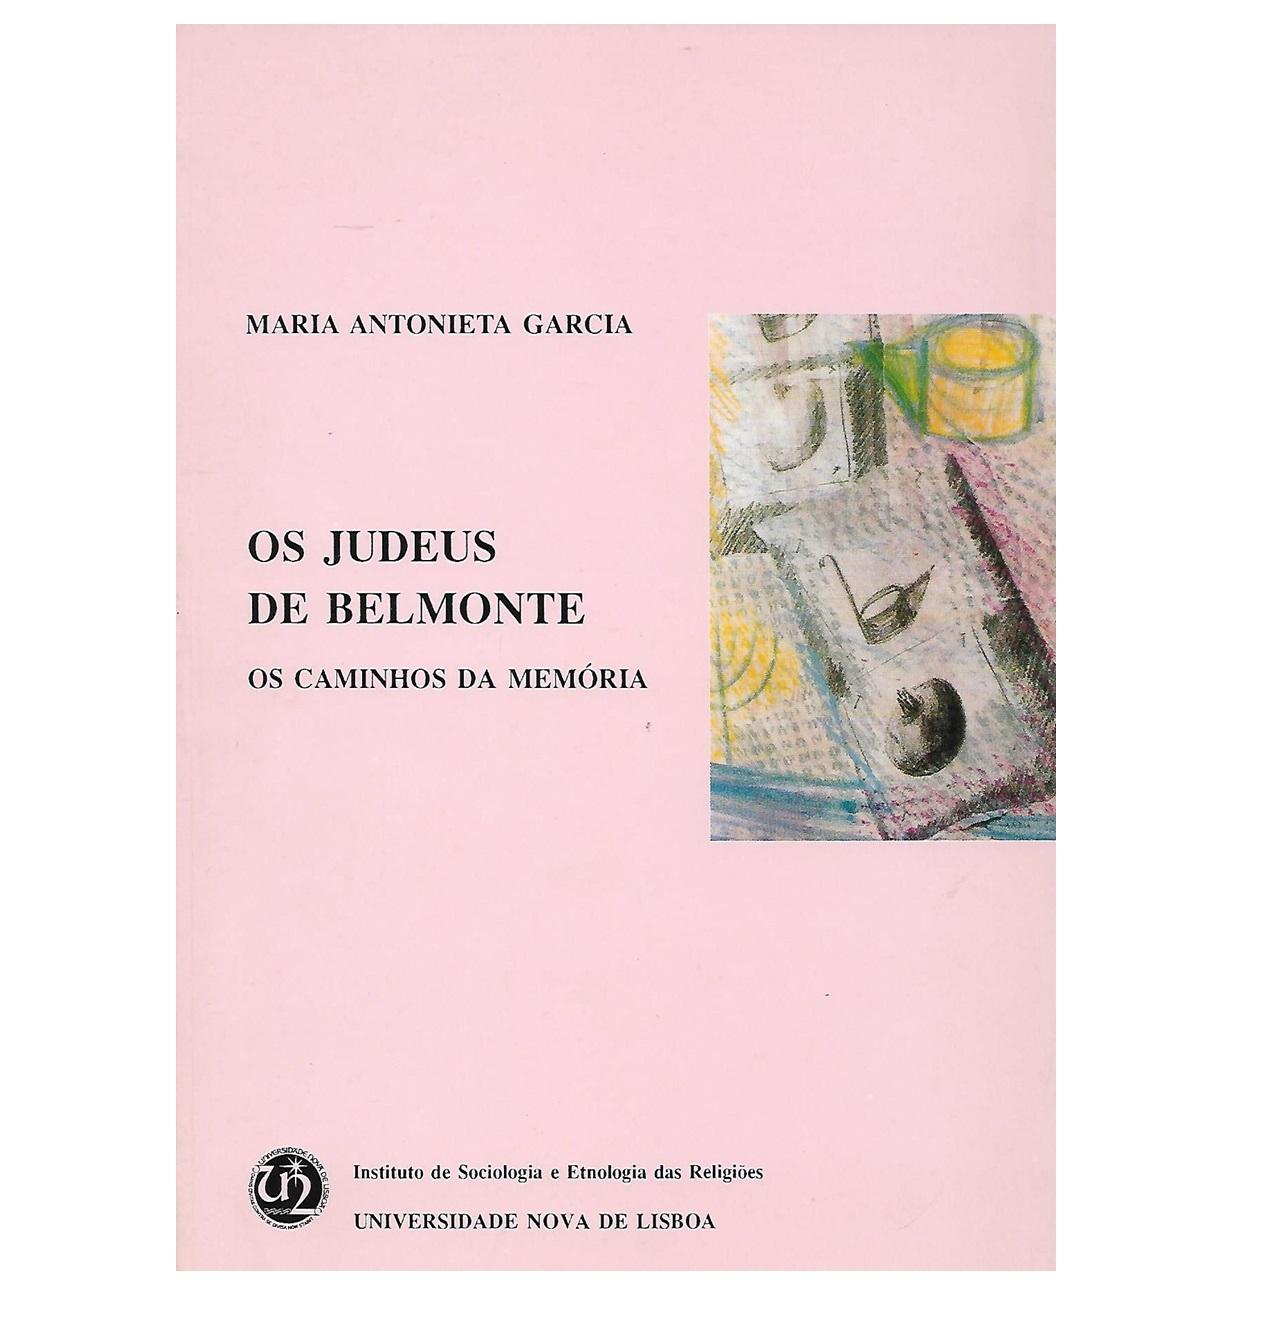 OS JUDEUS DE BELMONTE: